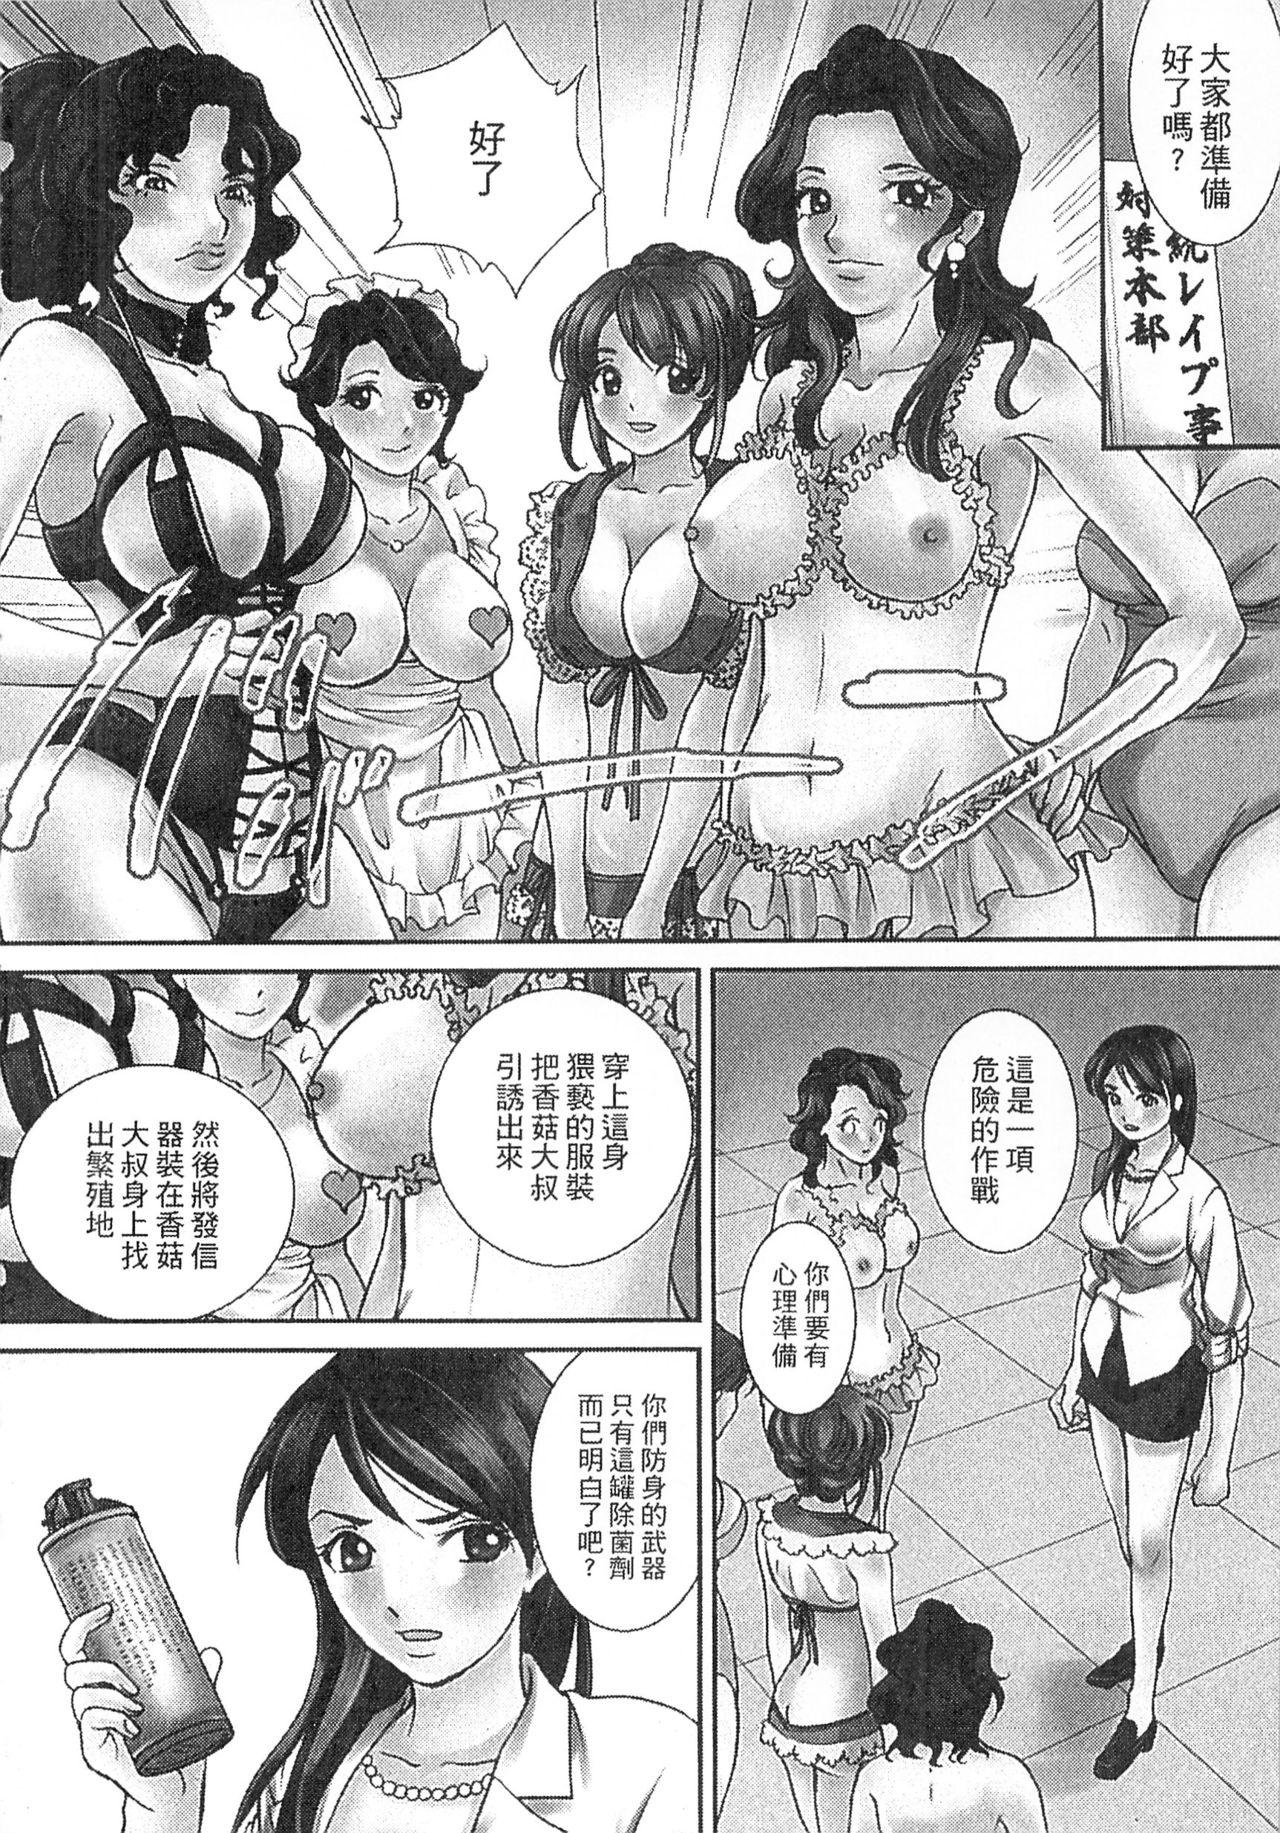 Zetsurin! Kinoko Oyaji 101